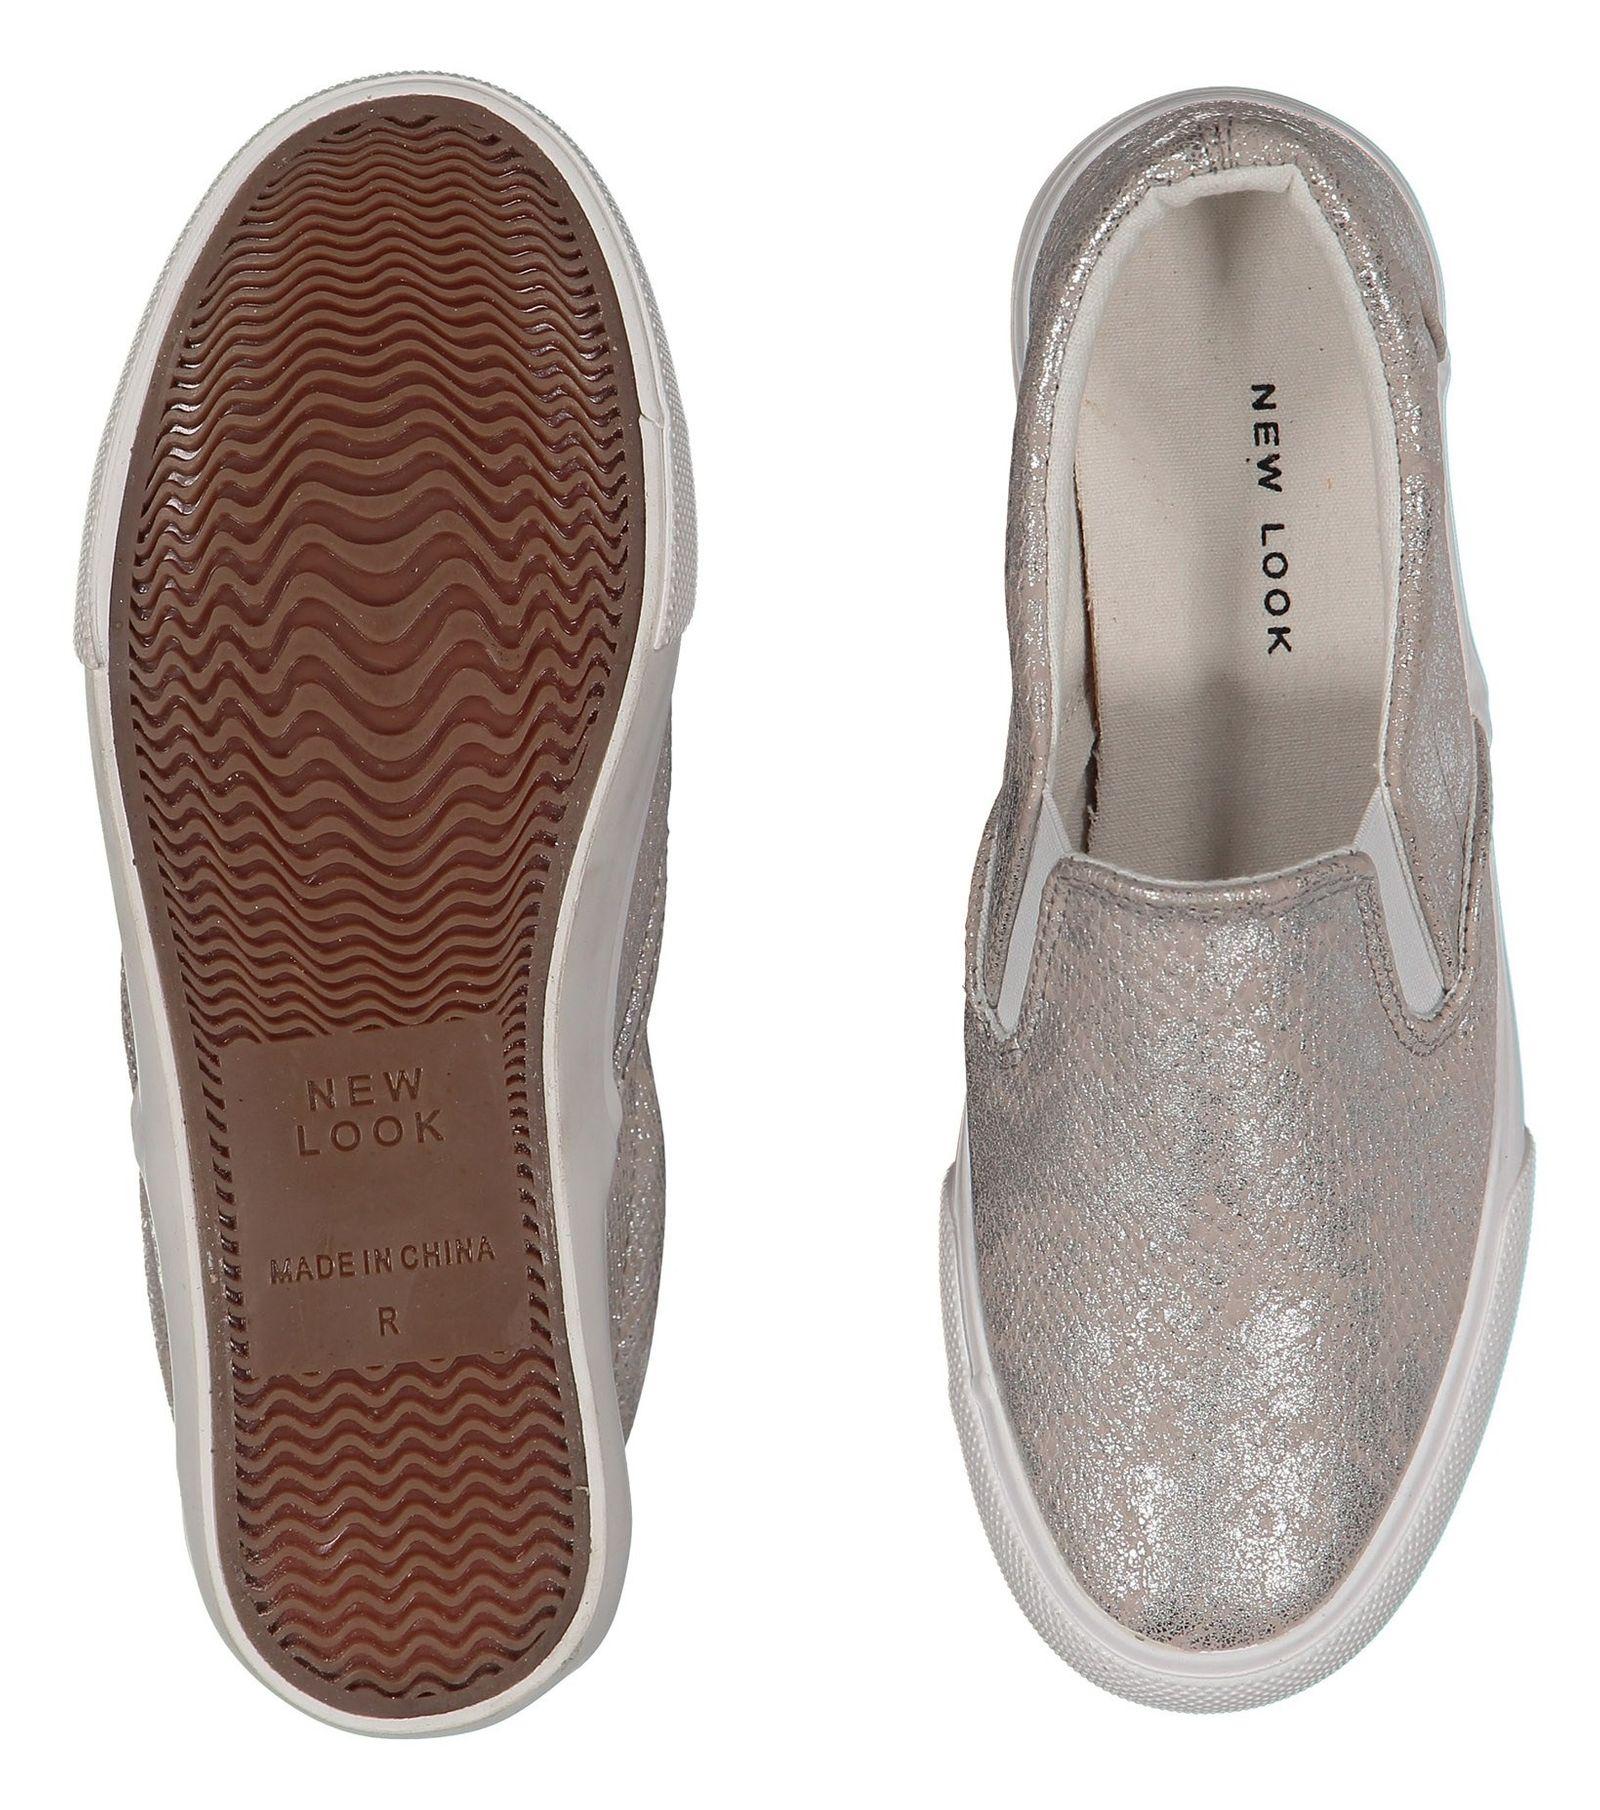 کفش تخت پارچه ای زنانه - نیو لوک - نقره اي - 2